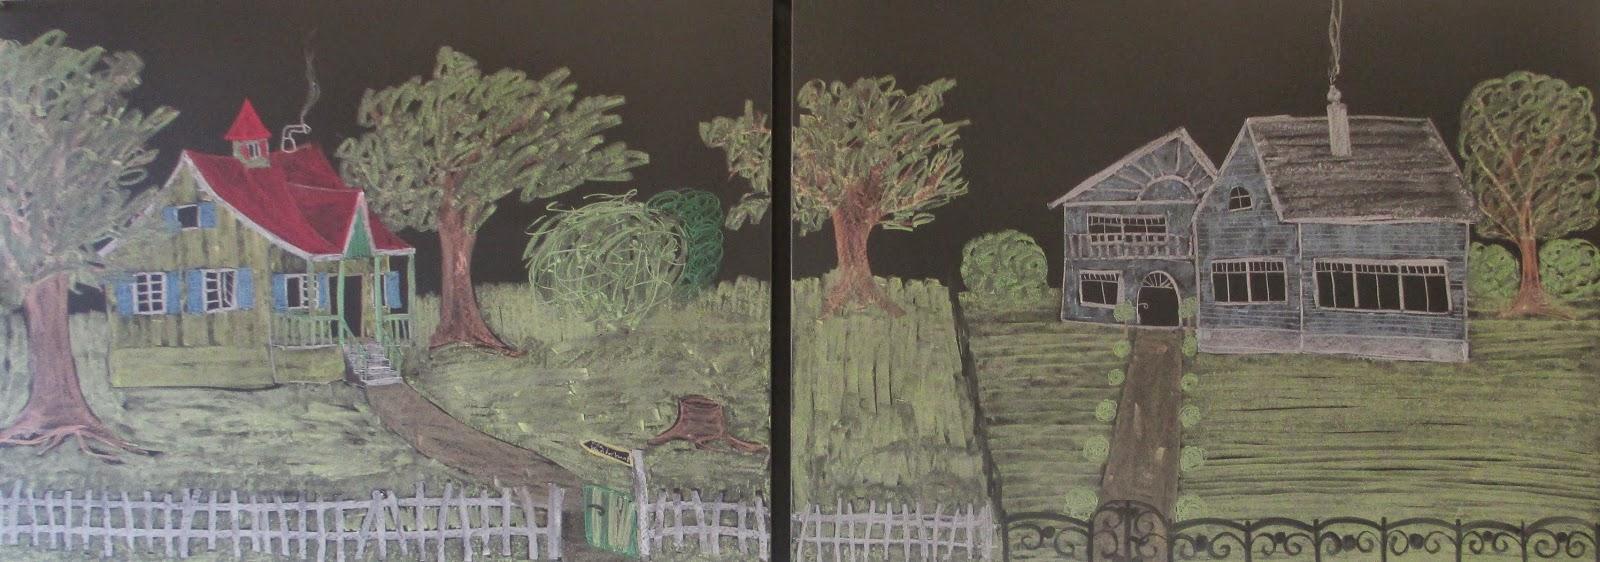 Bild auf Wandtafel im Kindergarten zum Thema Pippi Langstrumpf